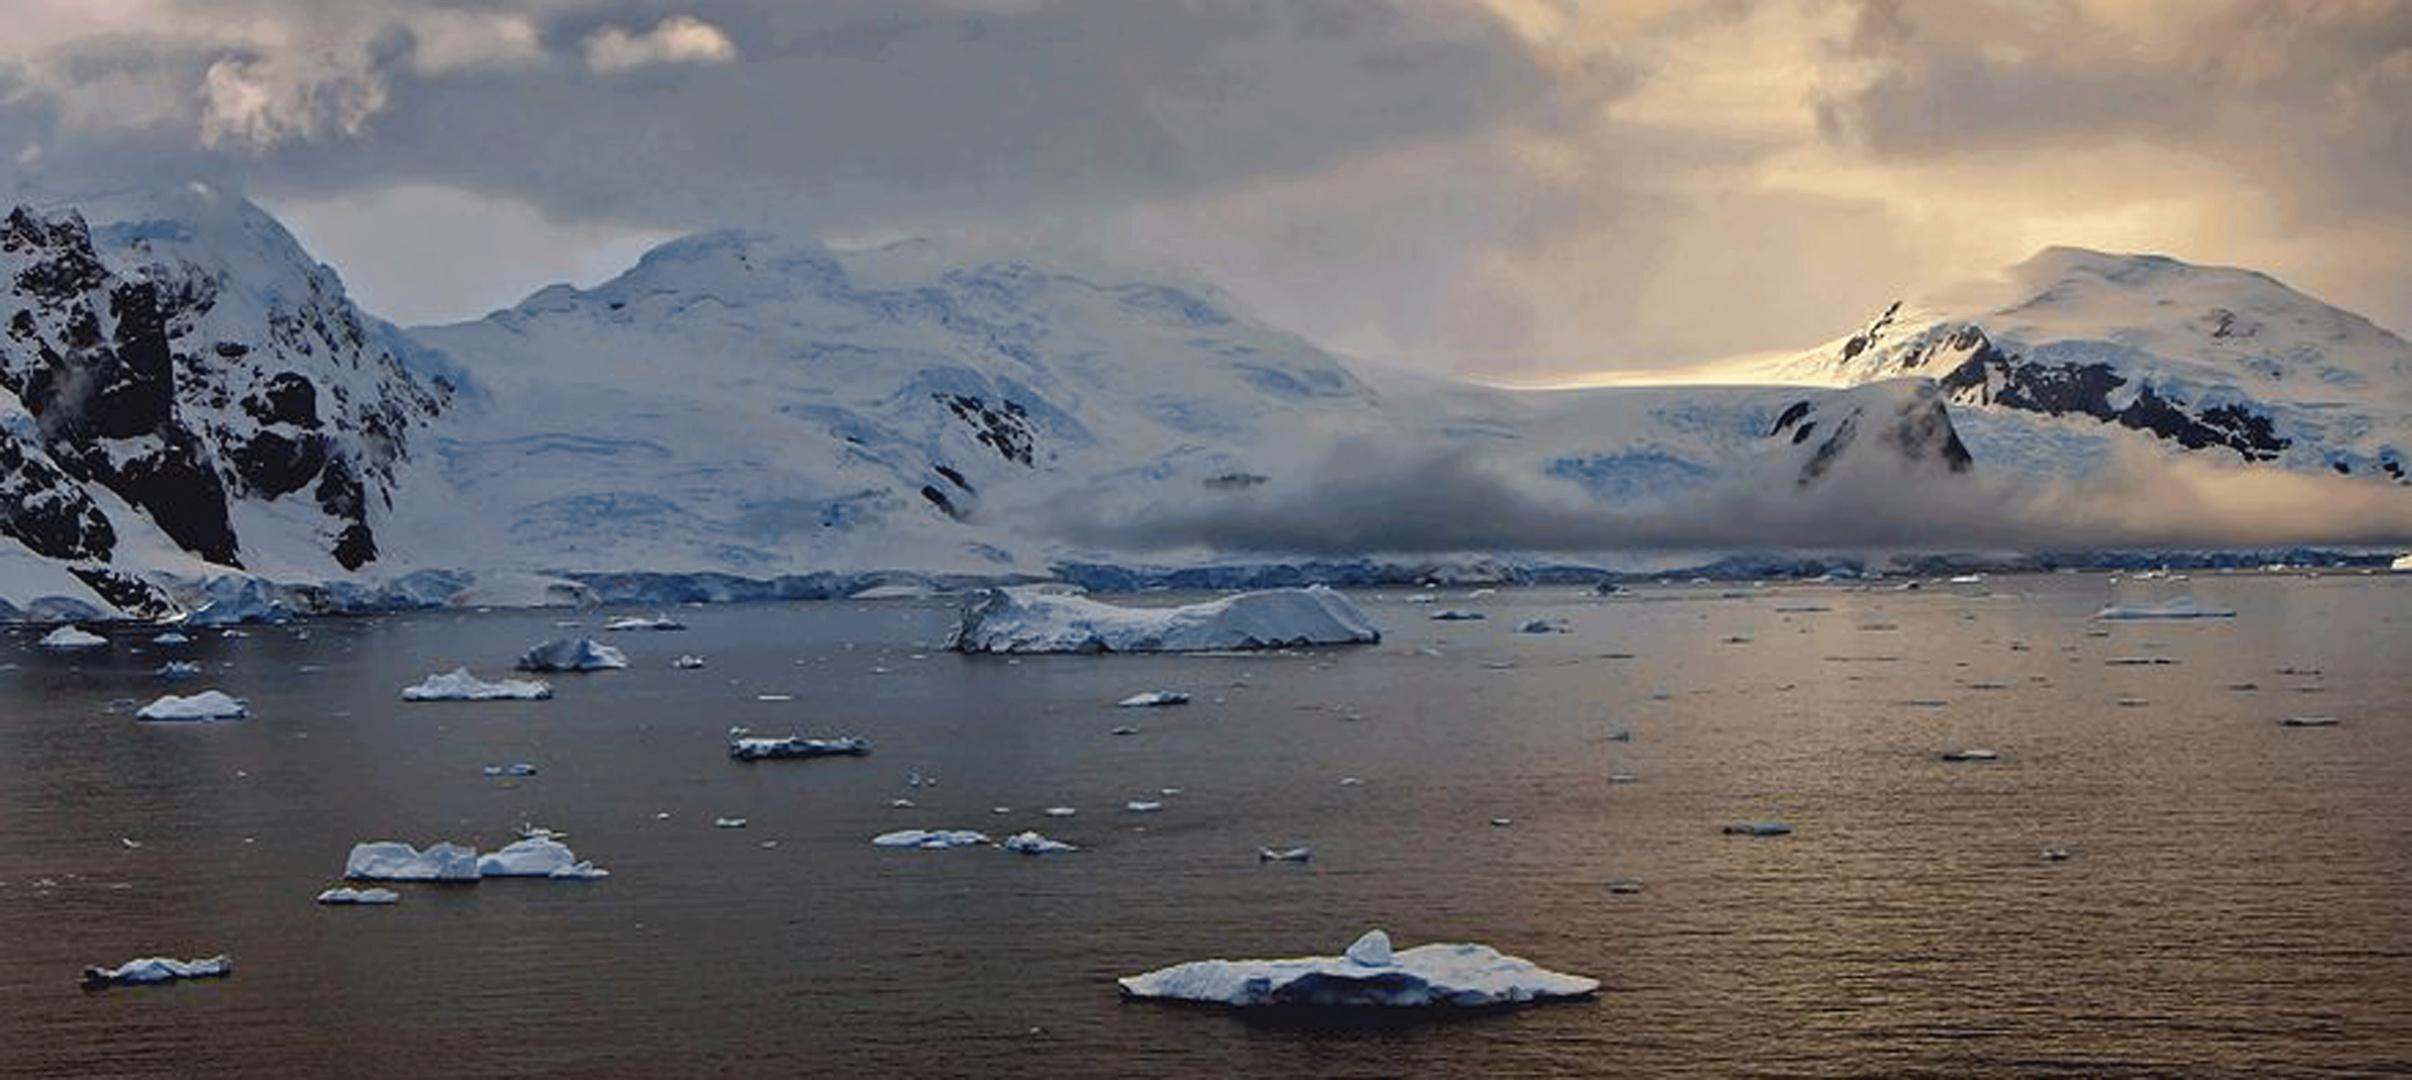 Extrem -Foto - Impressions of Antartica -Motiv vom weltenbummler